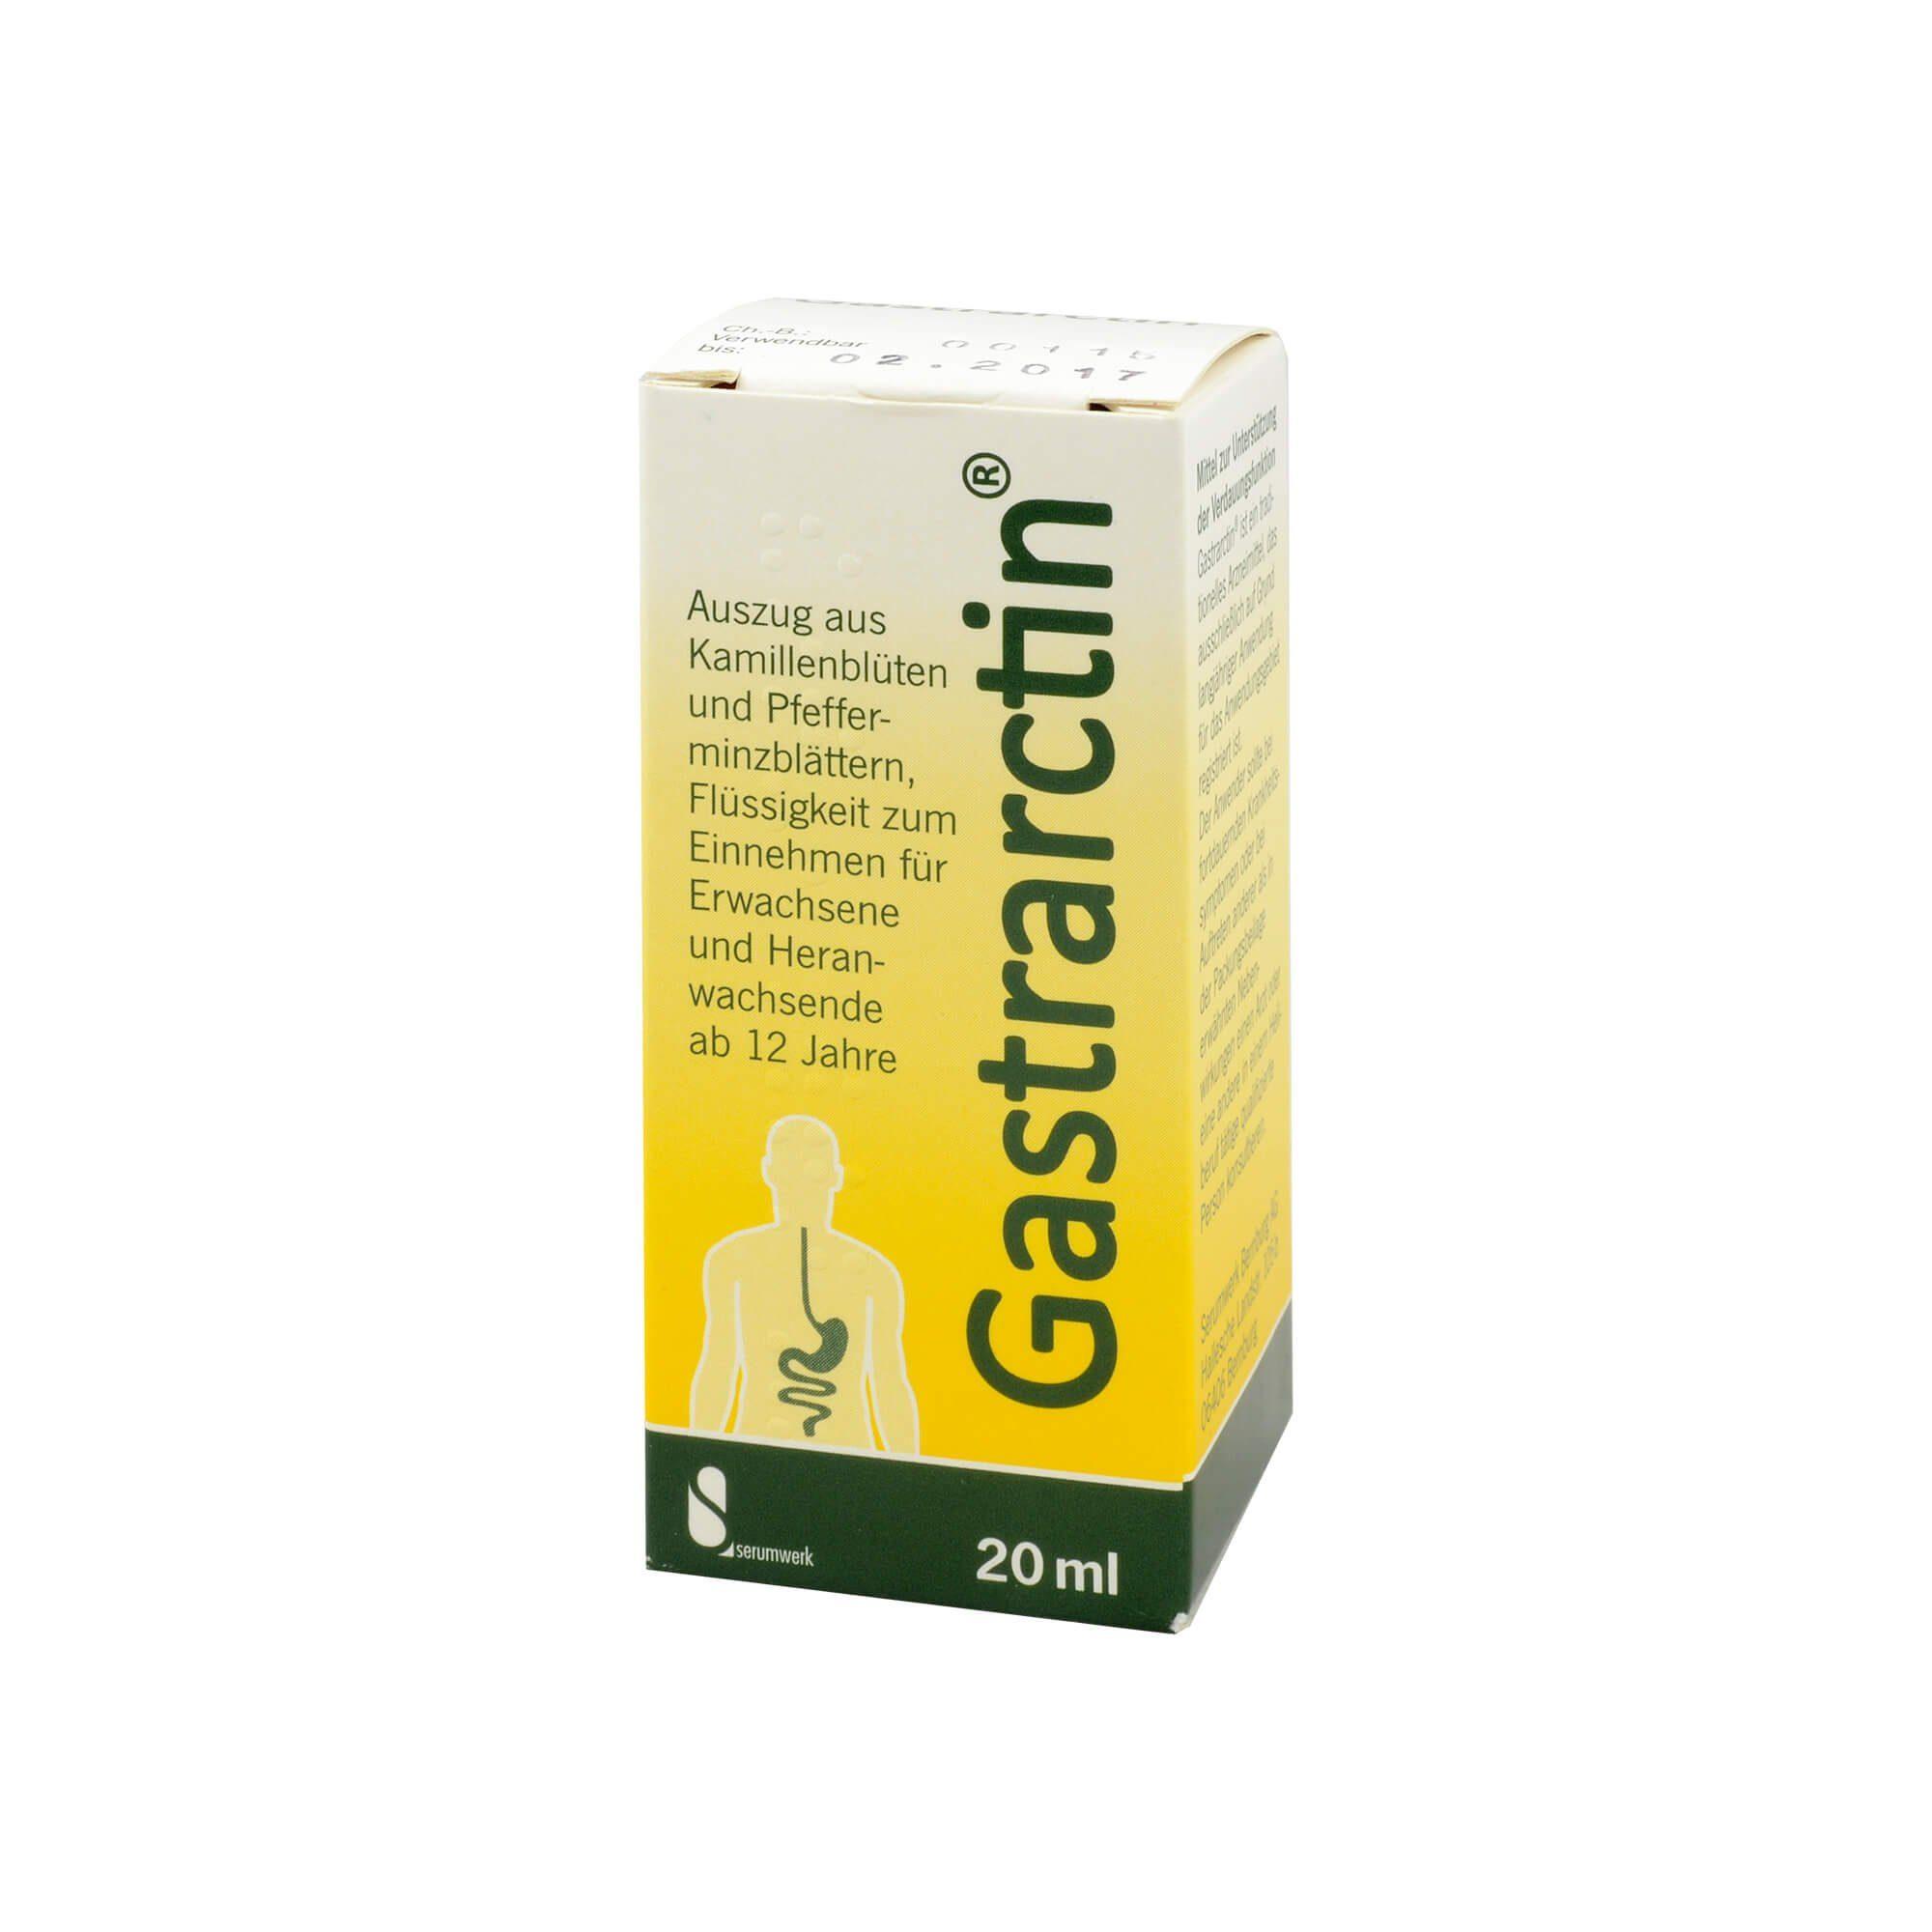 Gastrarctin Flüssigkeit, 20 ml